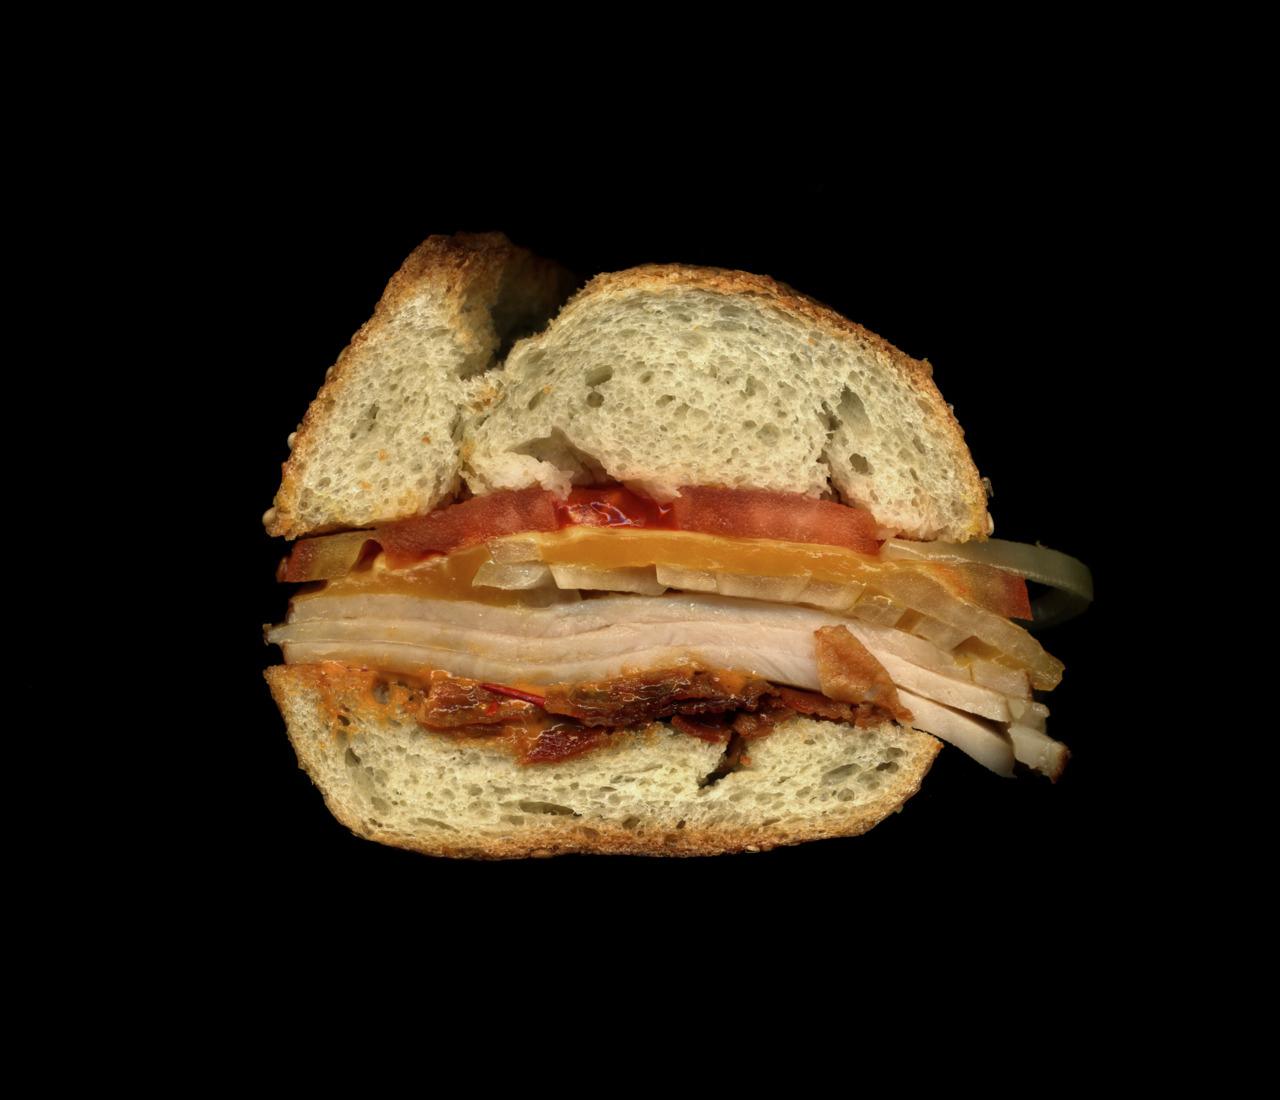 美味しそうなサンドウィッチの断面図13